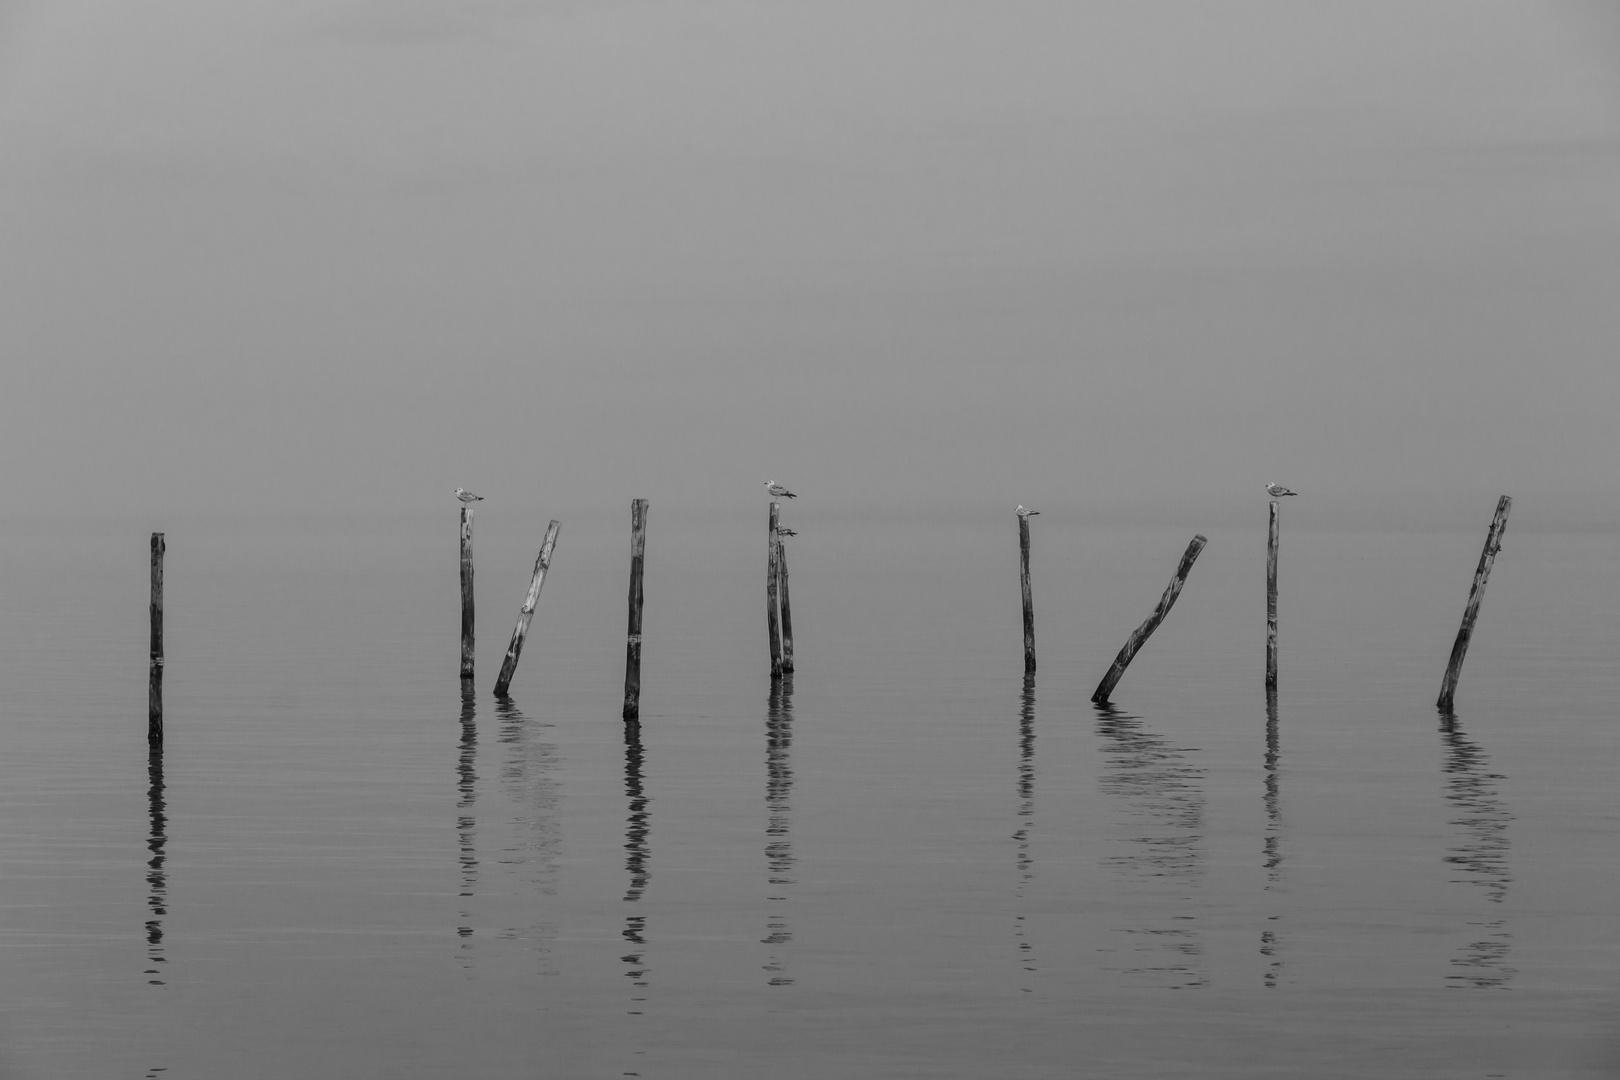 Möven im Seenebel